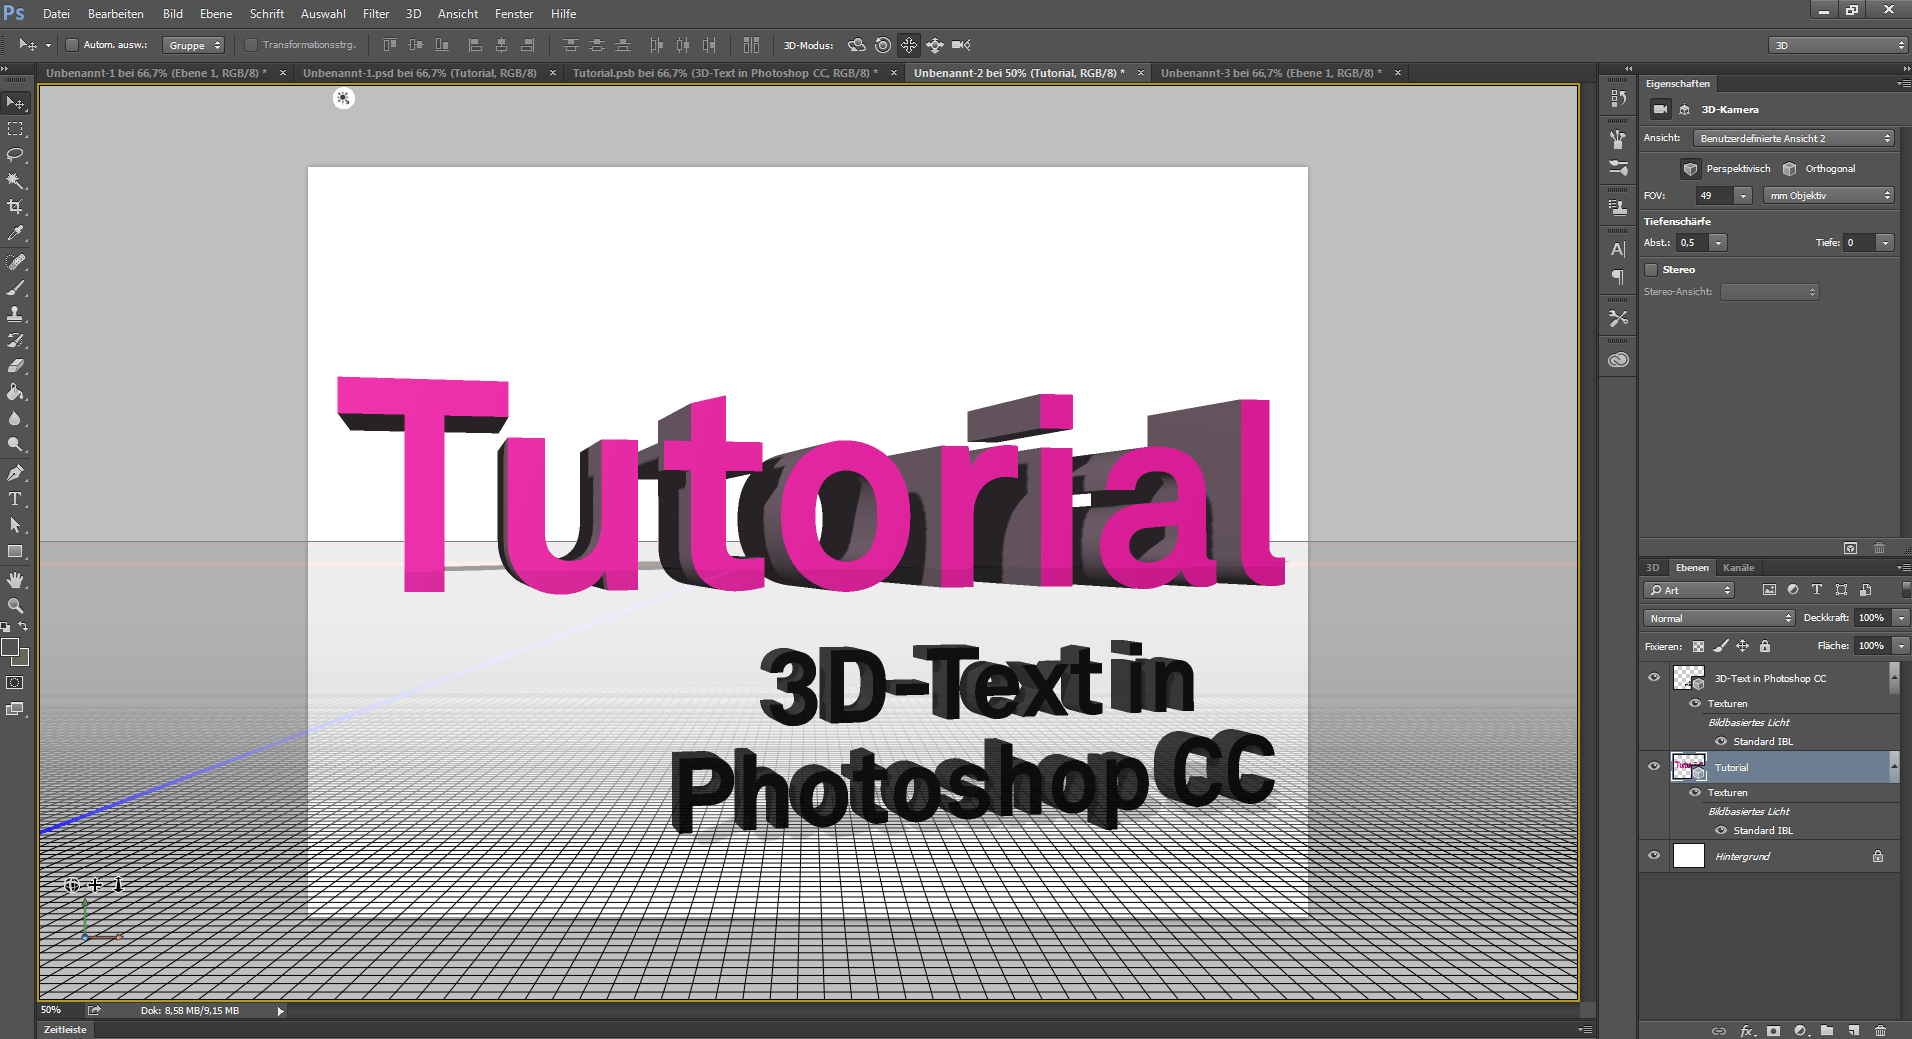 3d Text Erstellen Mit Photoshop Cc Flyeralarm